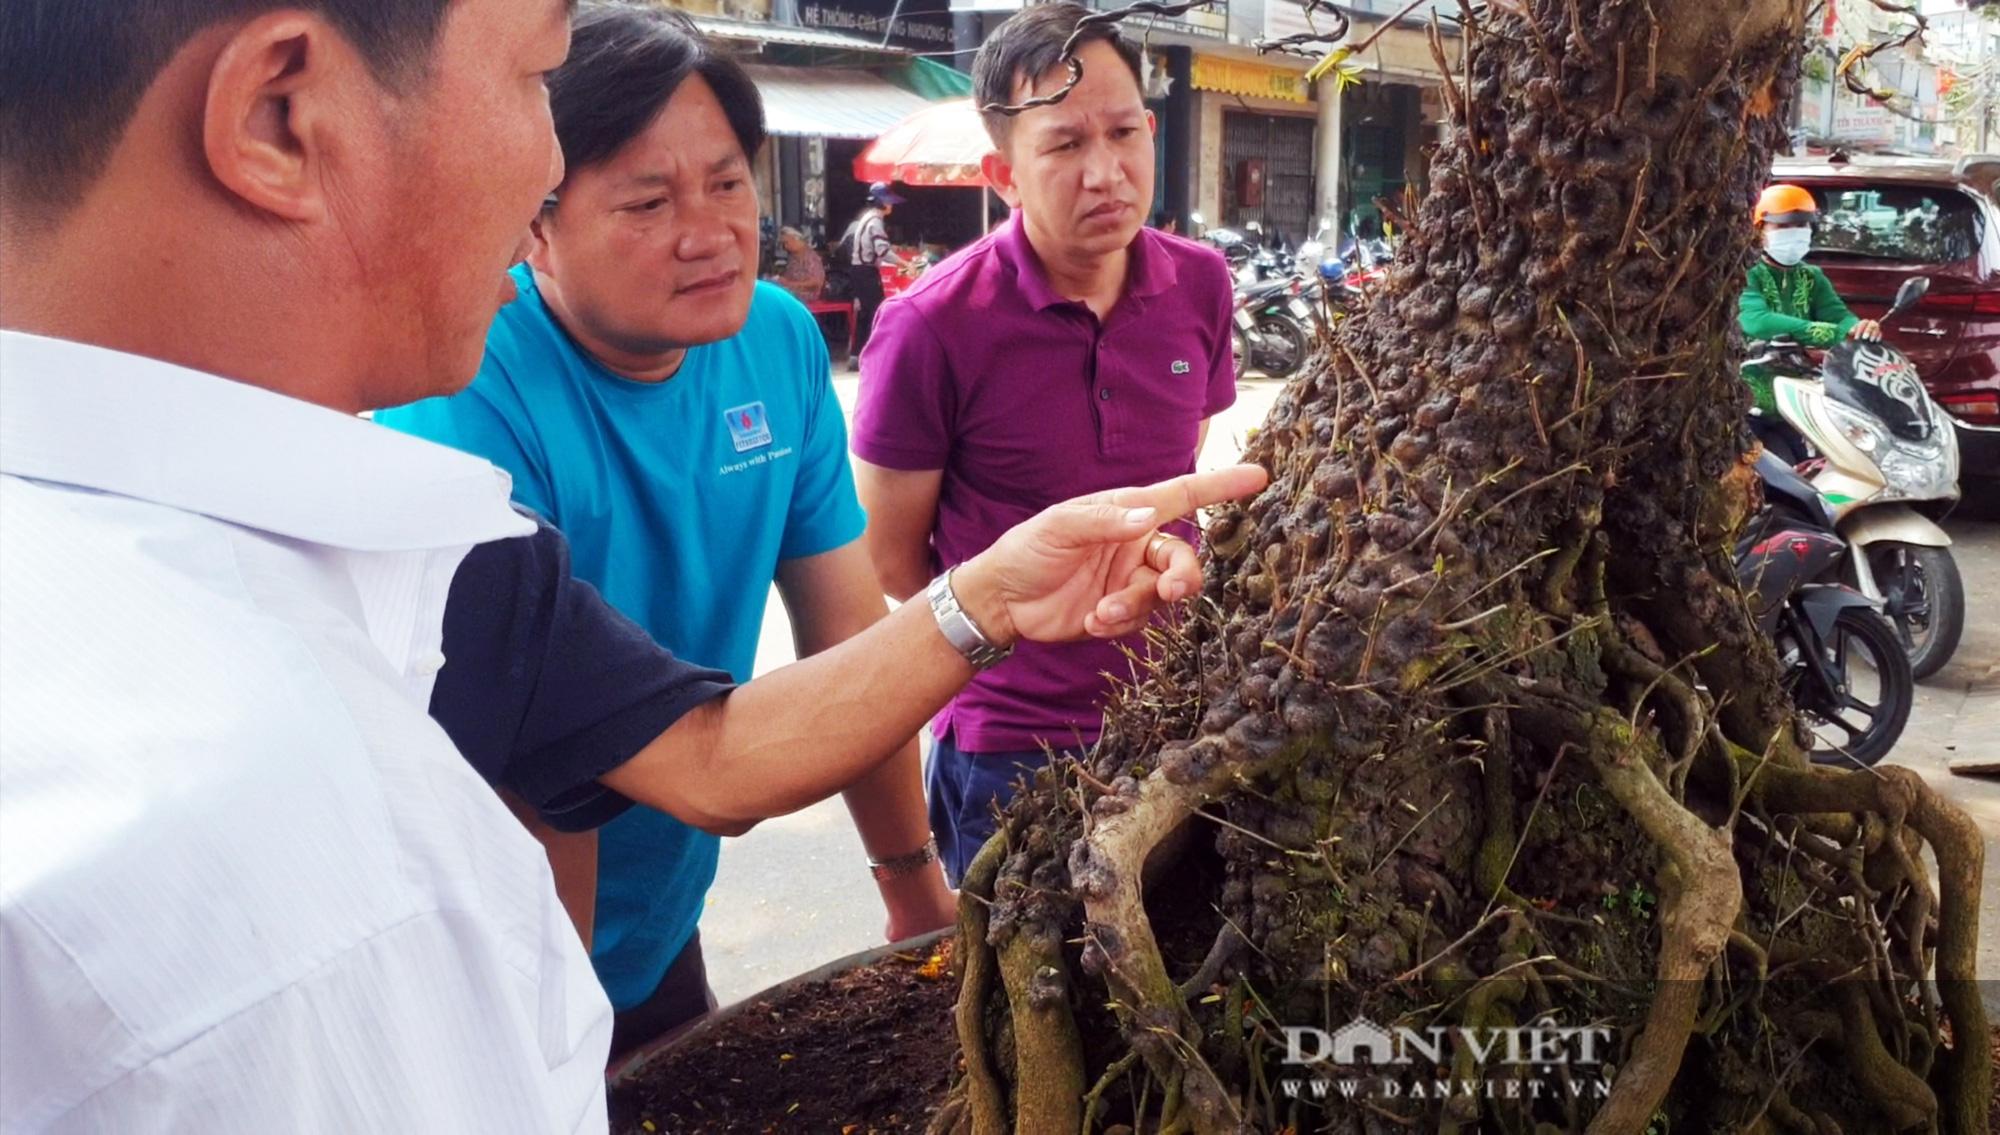 Hai cây mai vàng nổi 'vảy rồng' giá 700 triệu đồng ở An Giang - Ảnh 6.